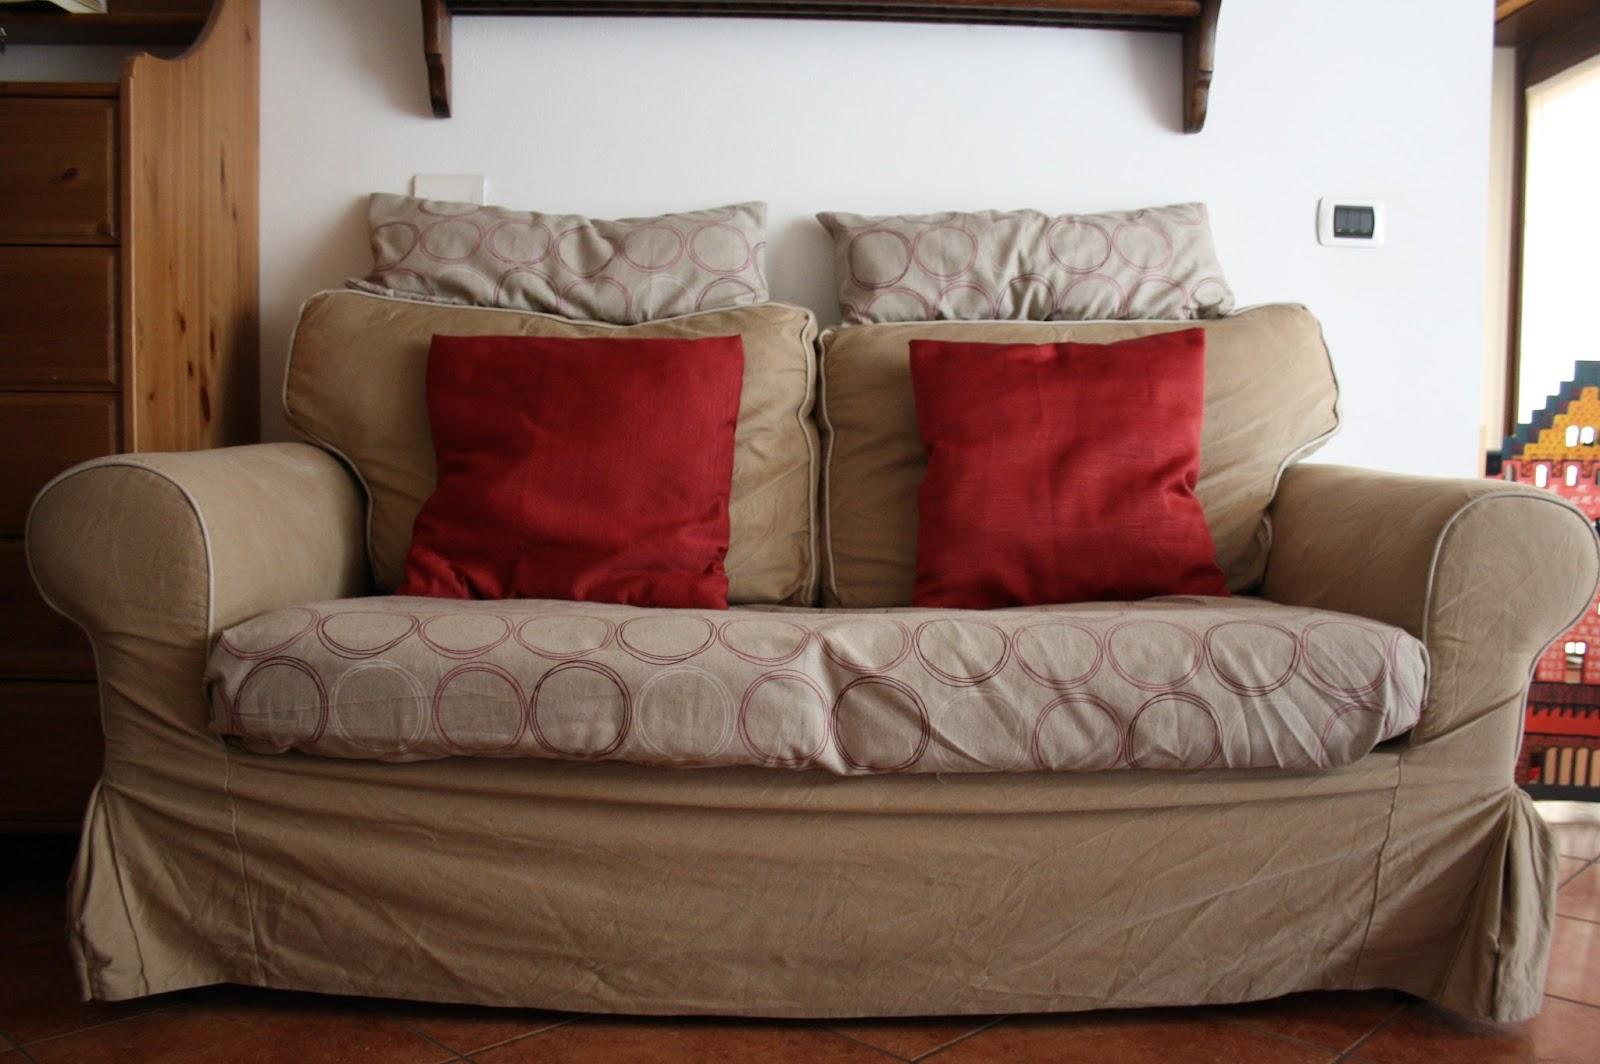 La casa della mamma rinnoviamo il divano cambiando le federe dei cuscini - Copridivano shabby ikea ...